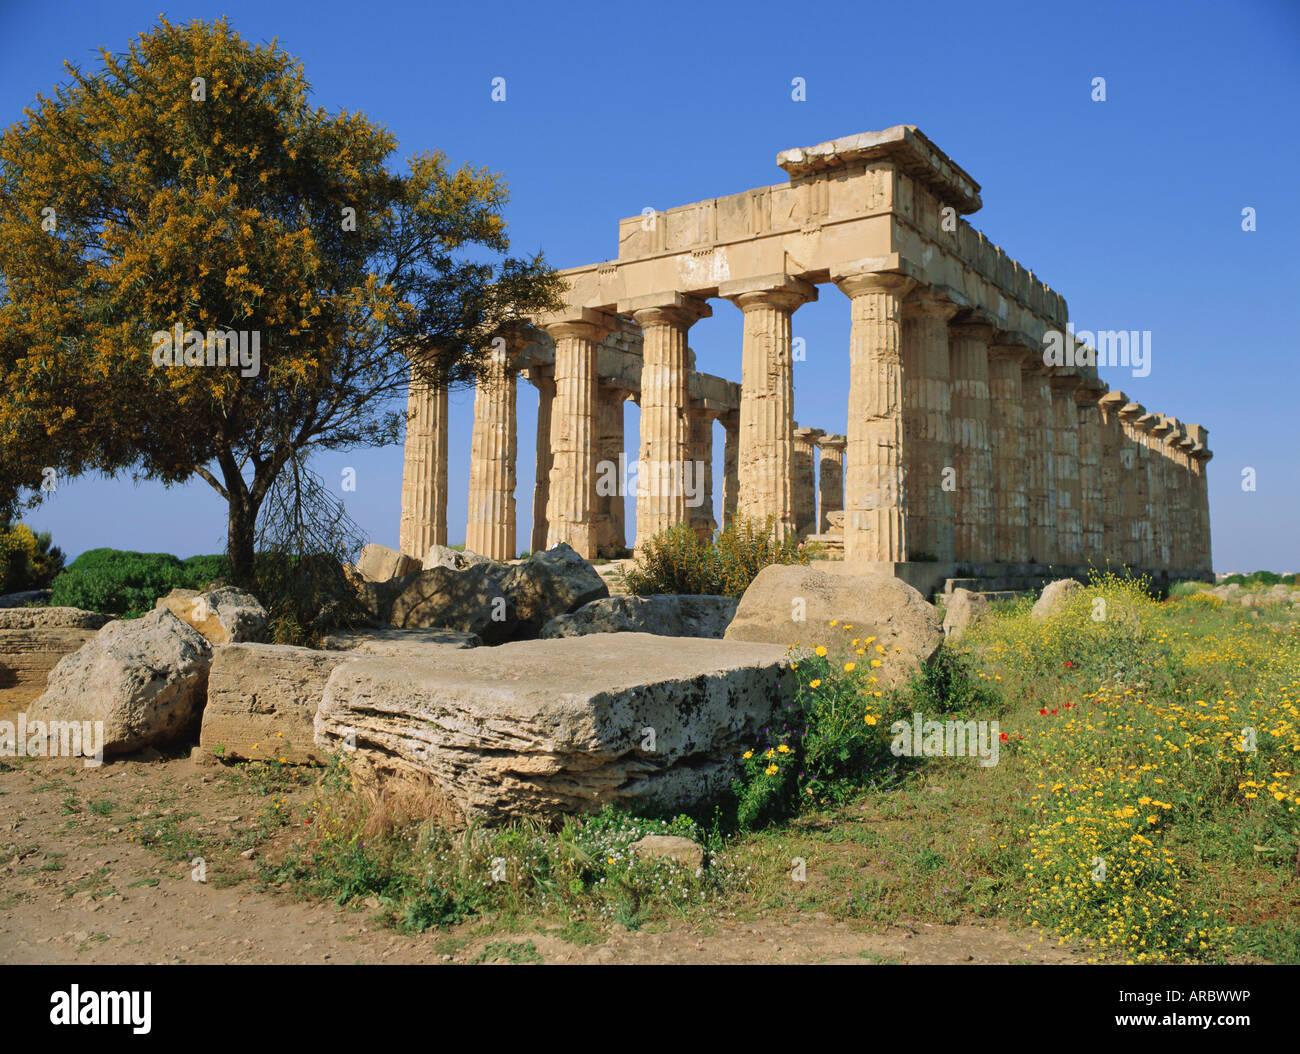 Temple E (5th century BC), Selununte, Sicily, Italy - Stock Image